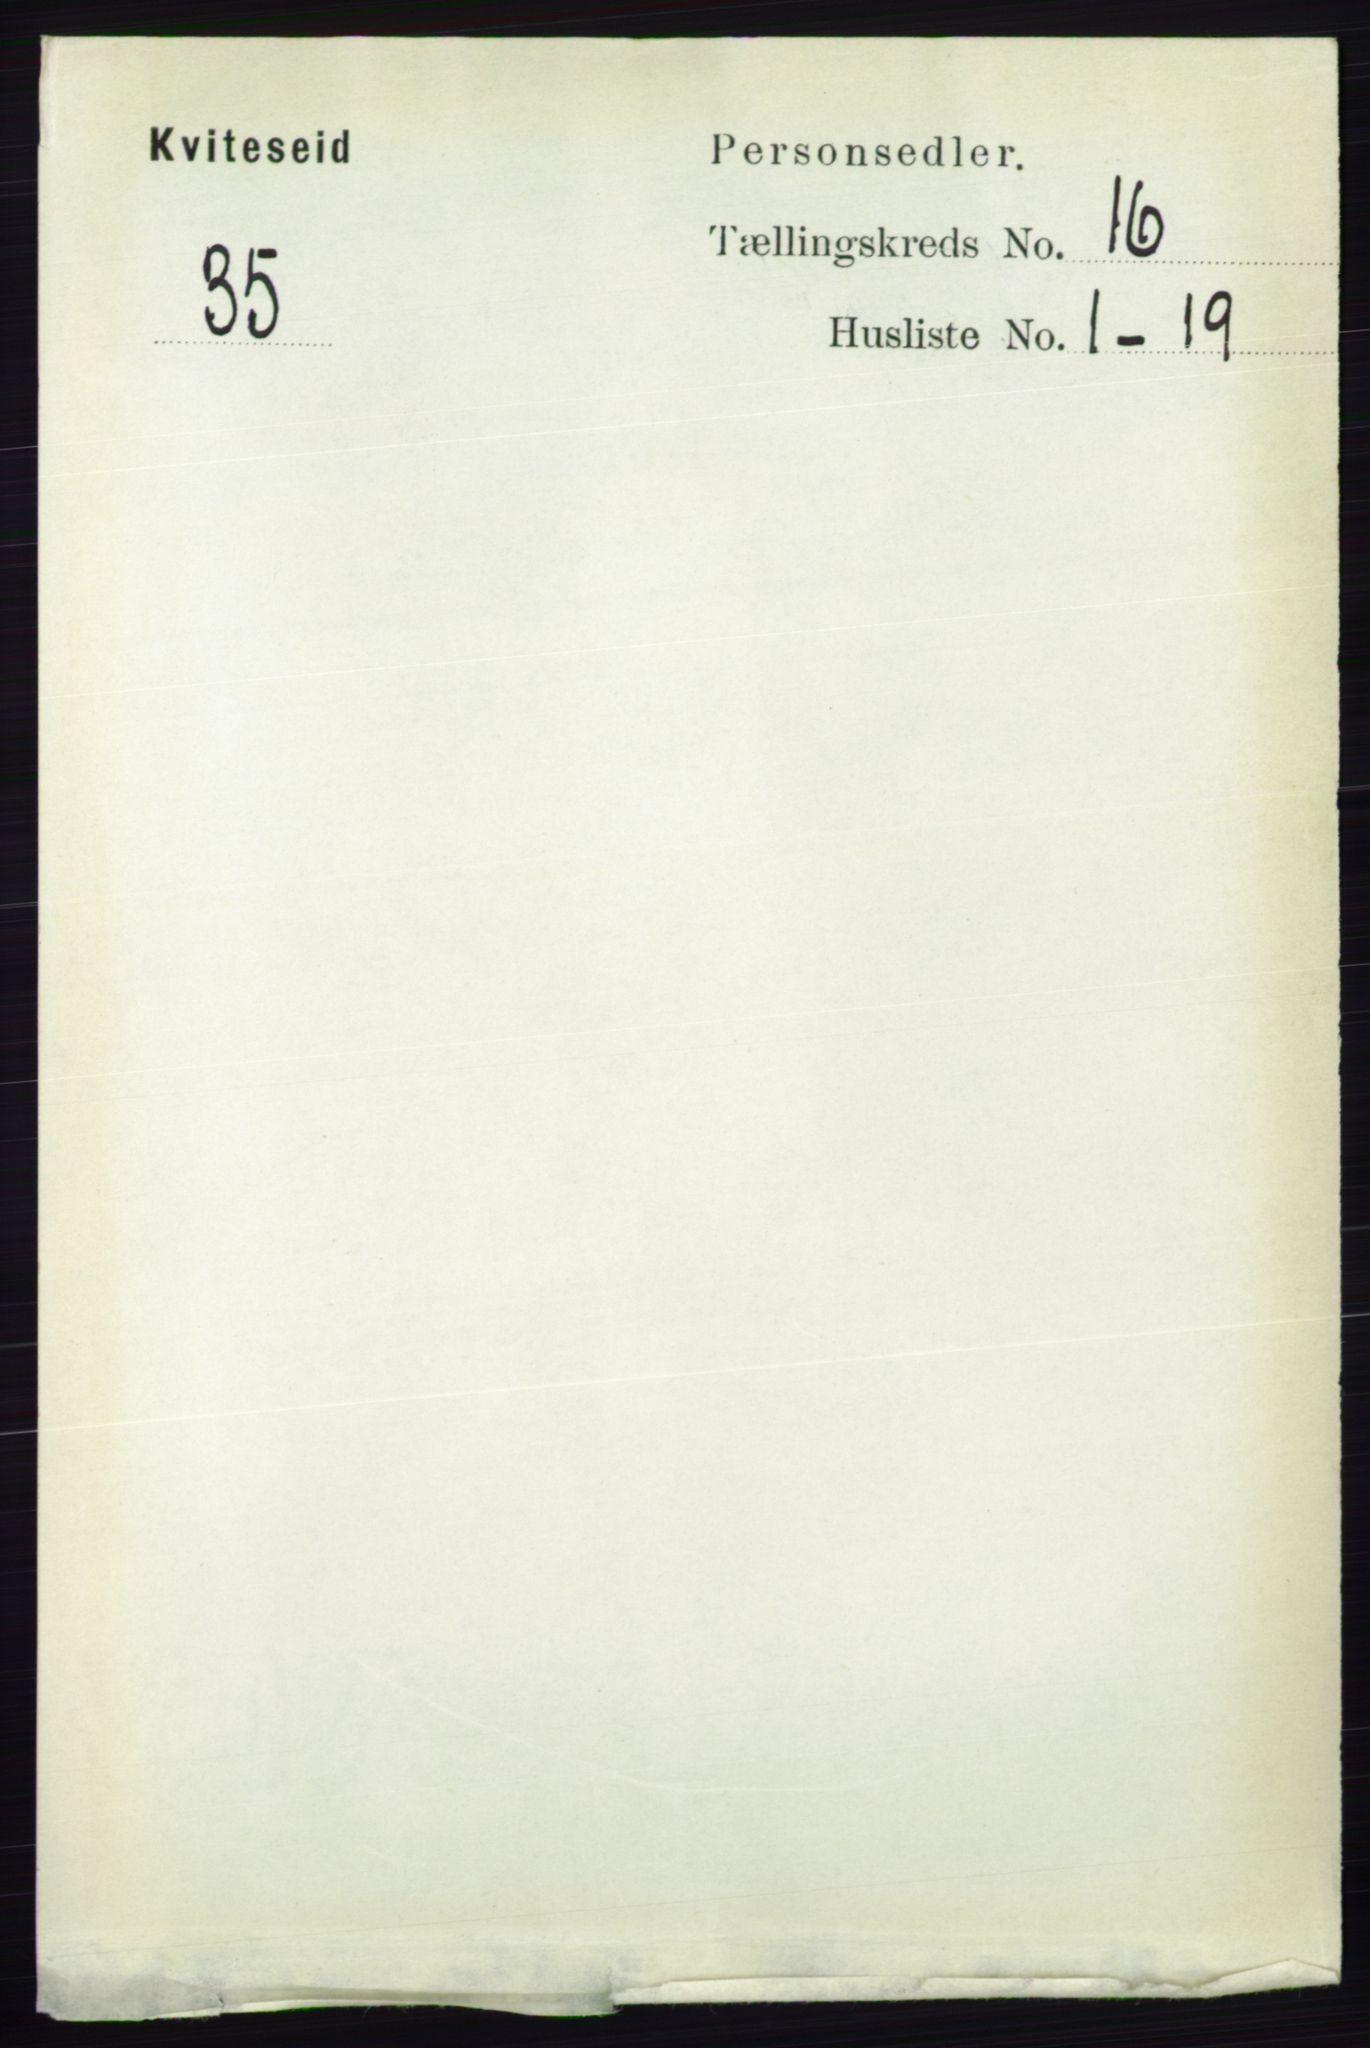 RA, Folketelling 1891 for 0829 Kviteseid herred, 1891, s. 3634